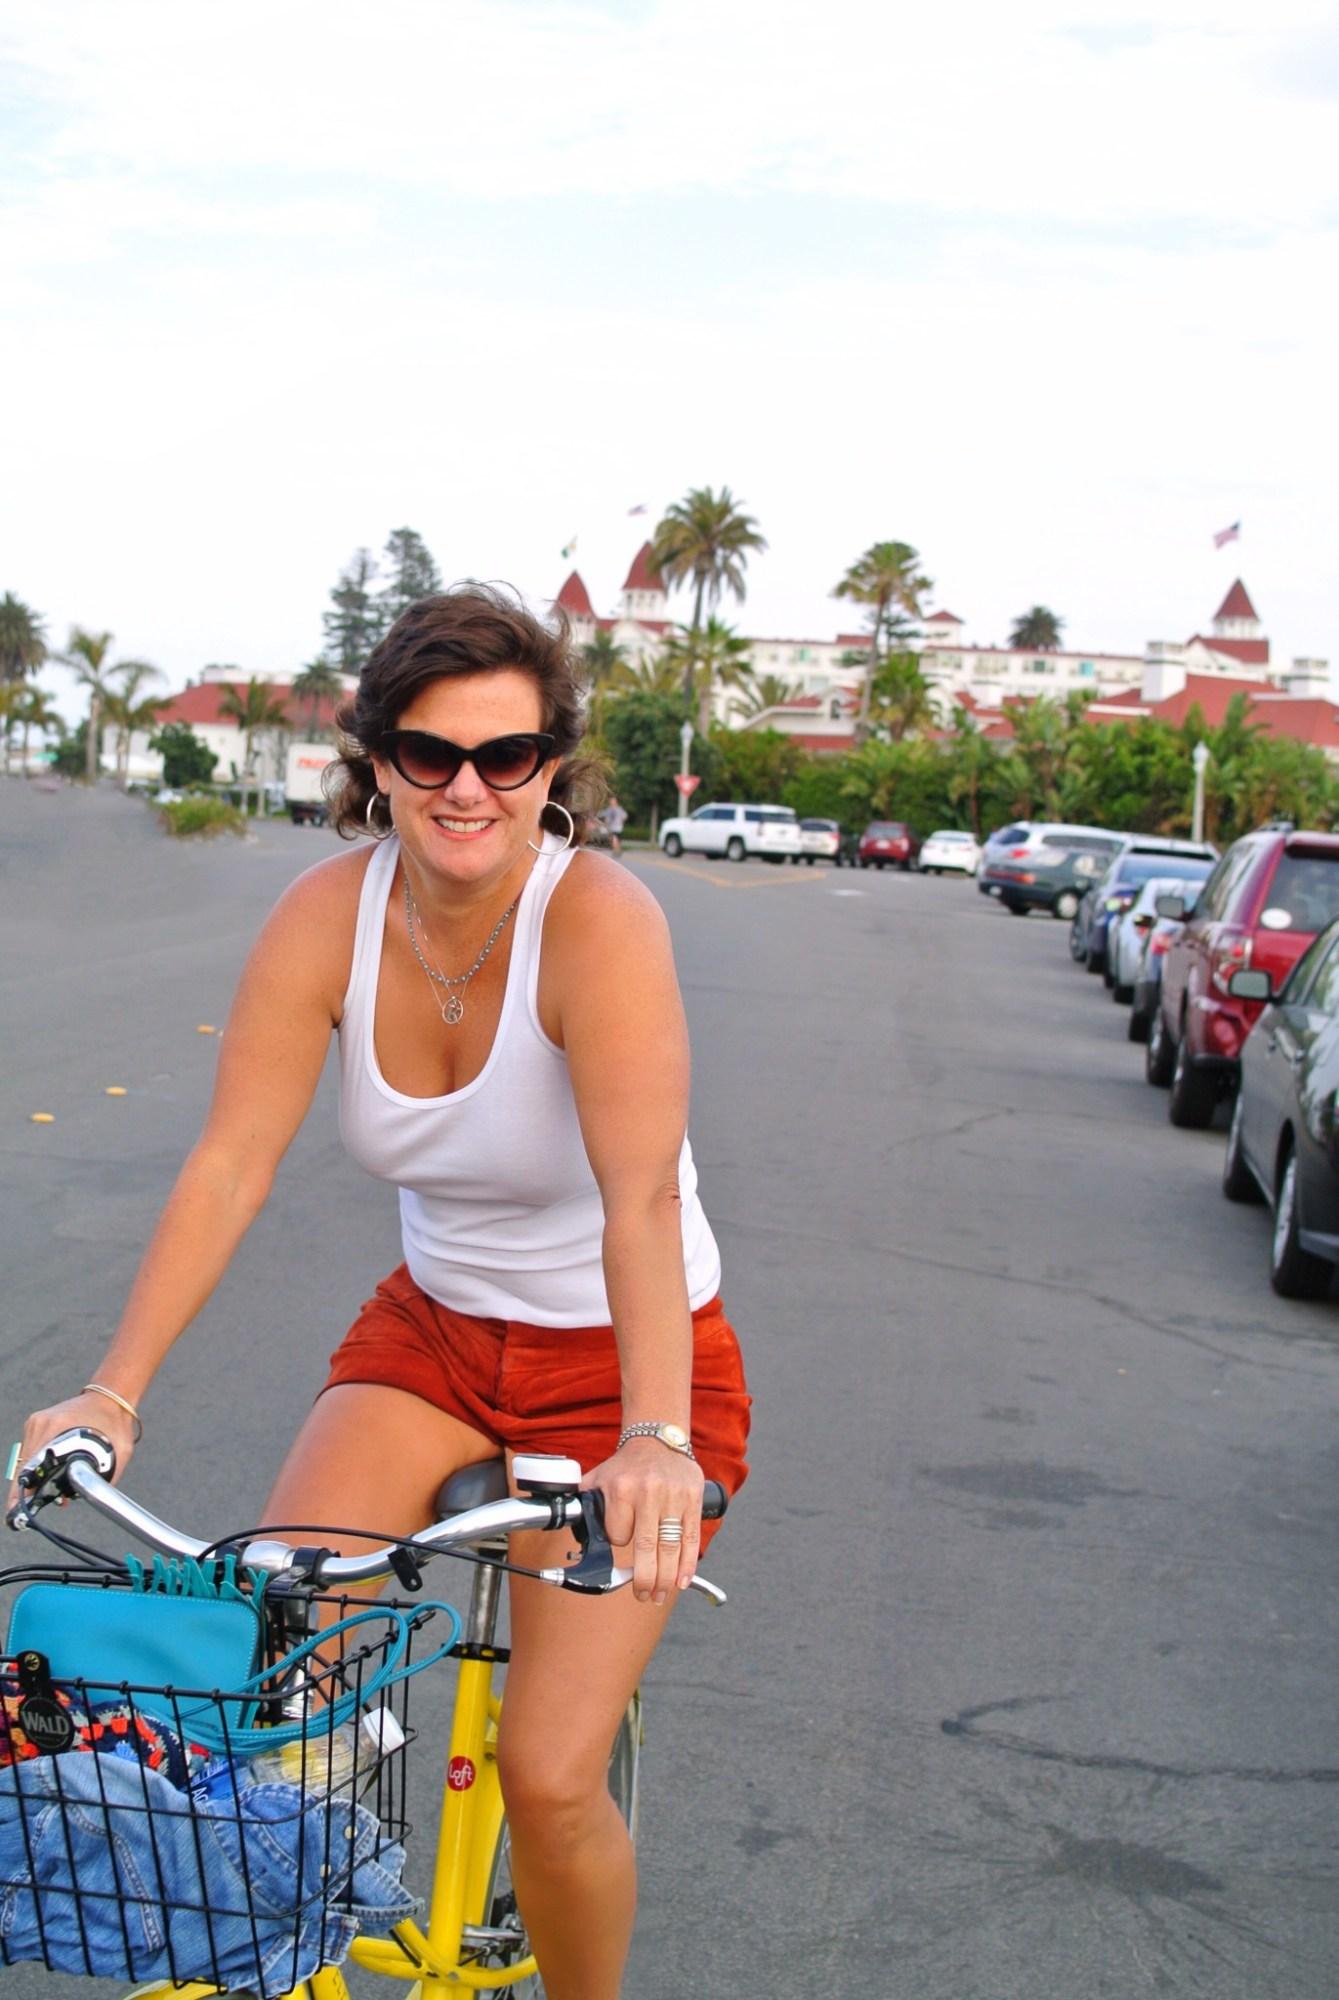 Biking in Coronado 10